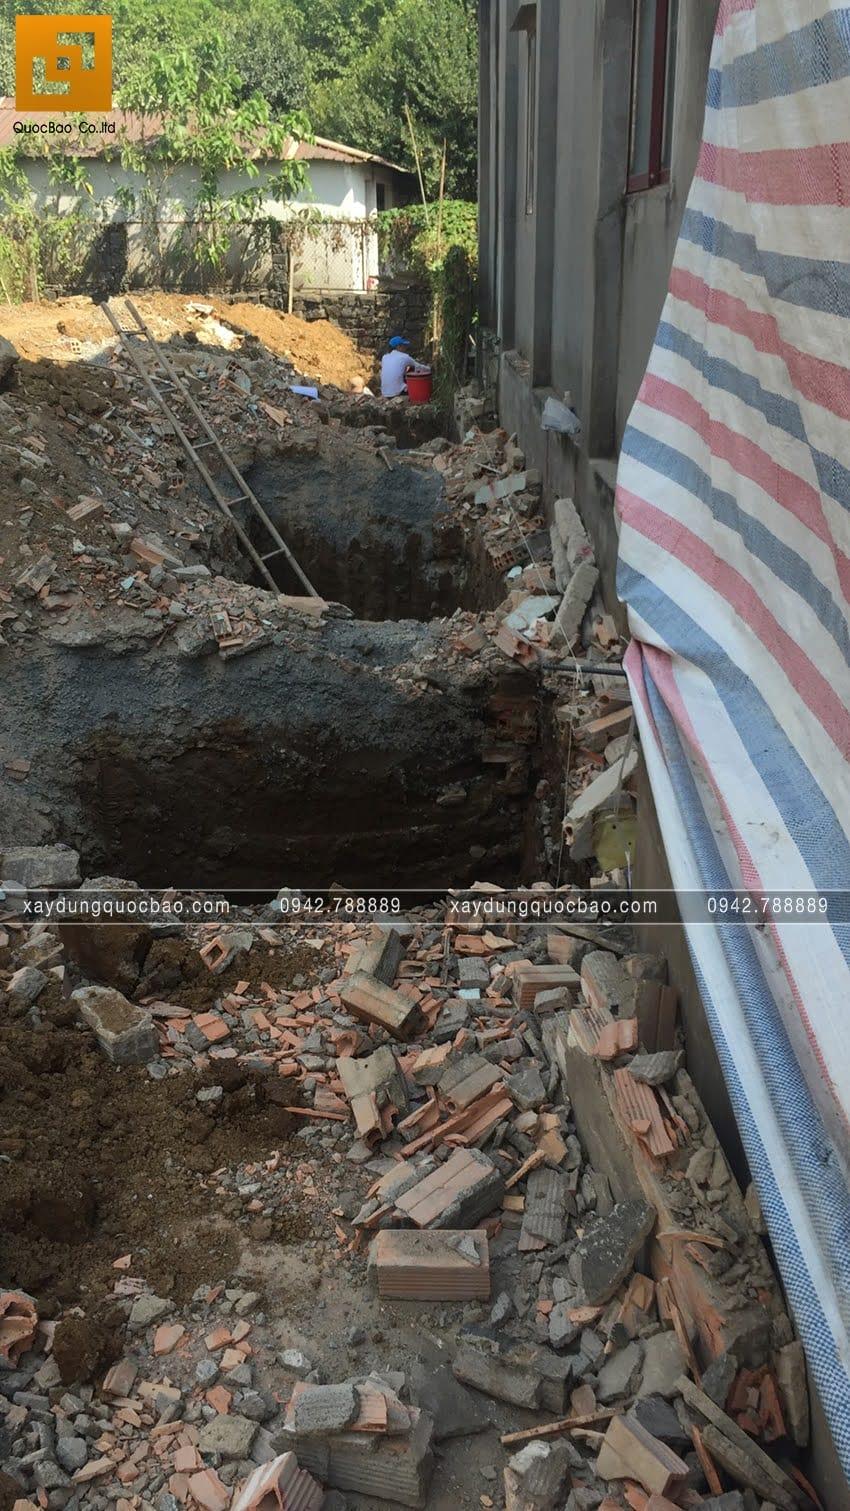 Khởi công nhà phố 3 tầng tại Vĩnh Cửu của chú Thanh - Ảnh 8